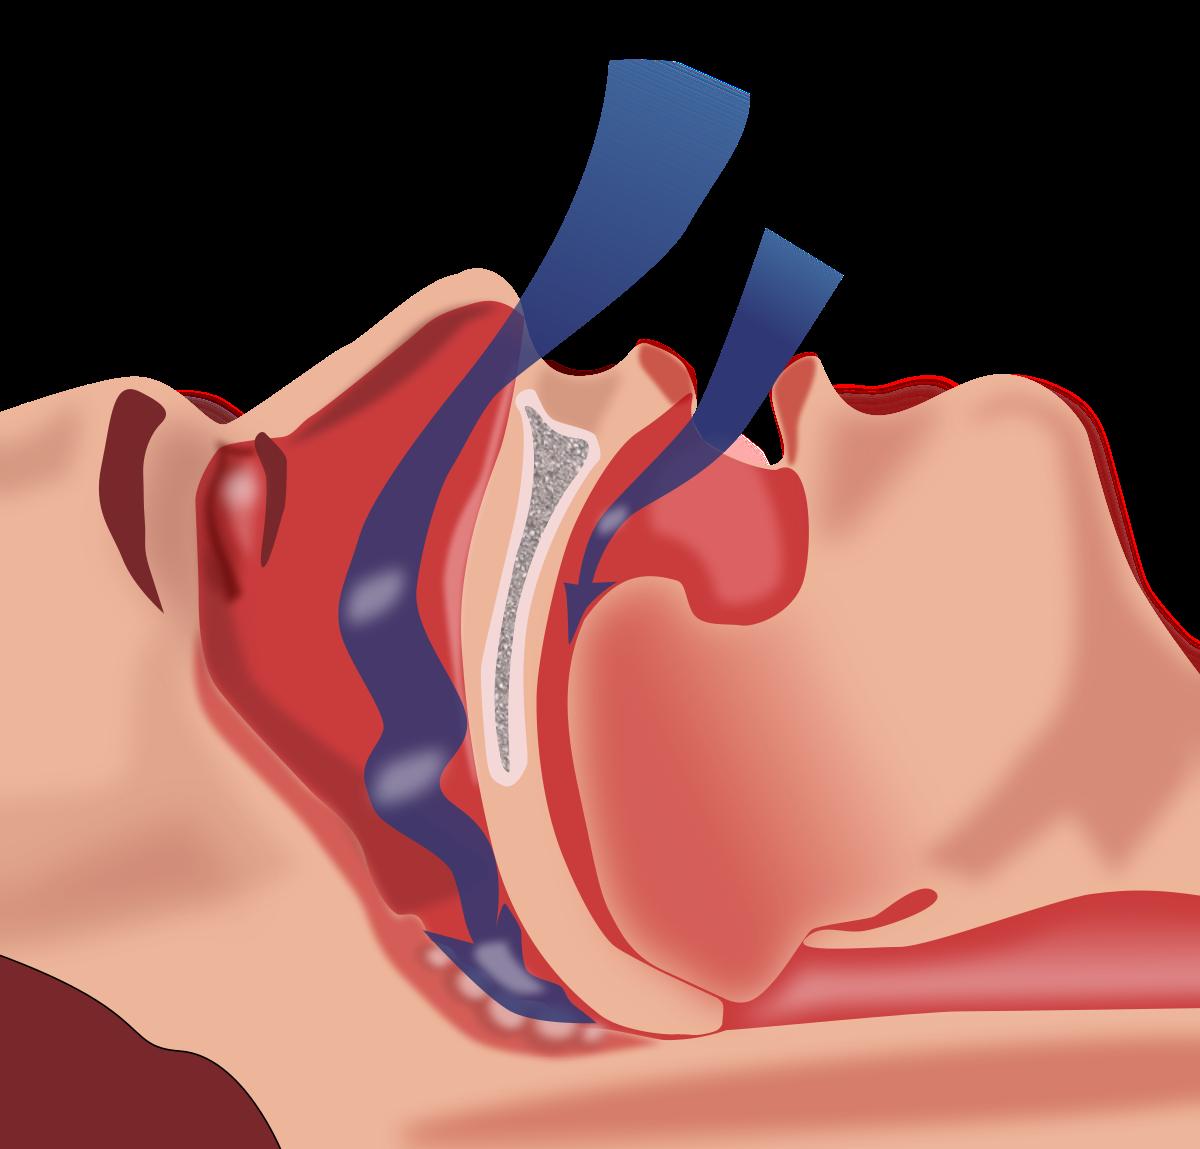 Методы лечения и профилактики апноэ сна у новорожденных